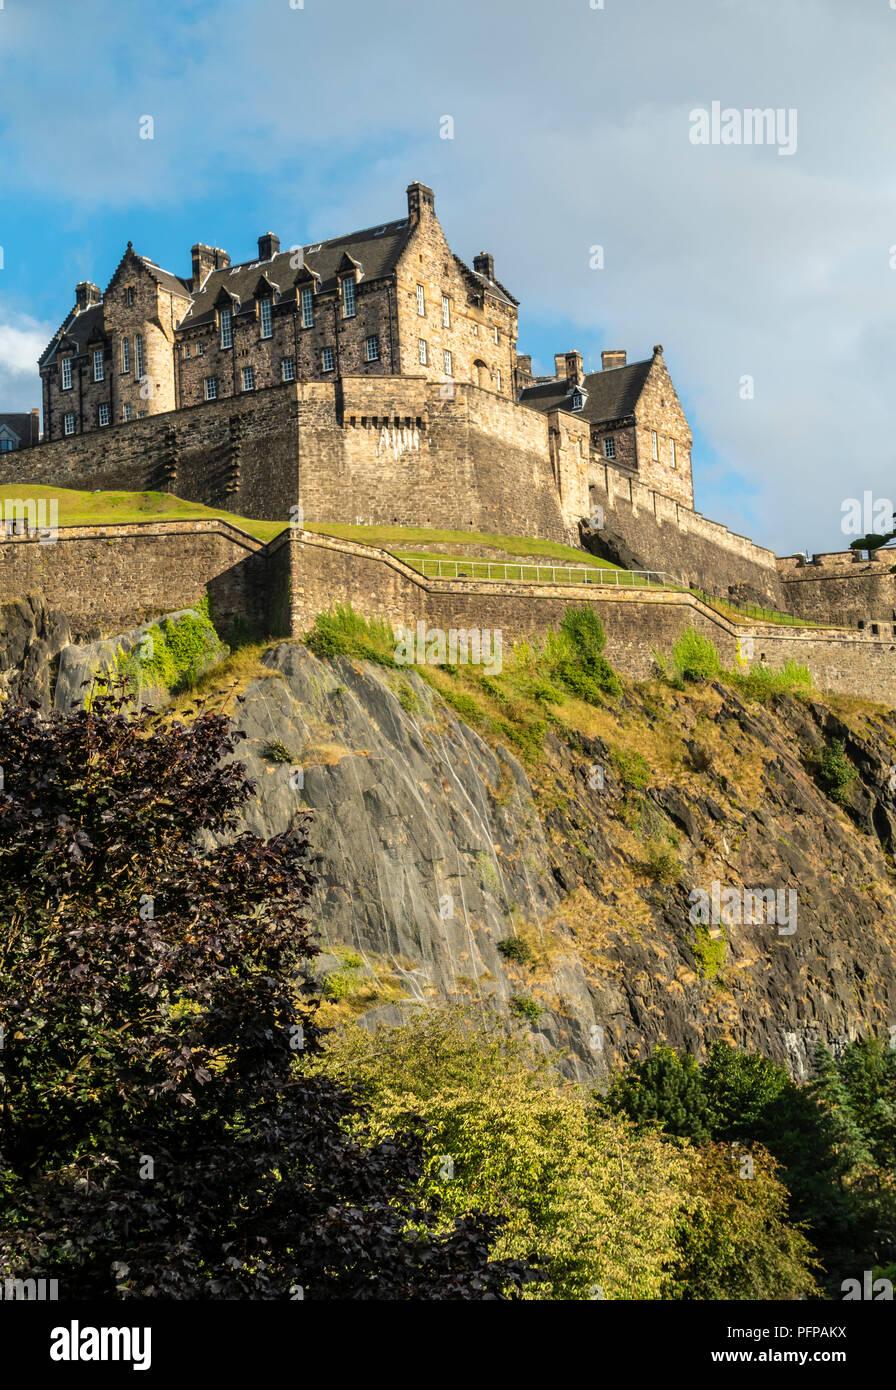 Il Castello di Edimburgo, una storica fortezza sulla parte superiore di un tappo di origine vulcanica, dove è un punto di riferimento e di attrazione turistica nel mezzo del centro di Edimburgo. Immagini Stock